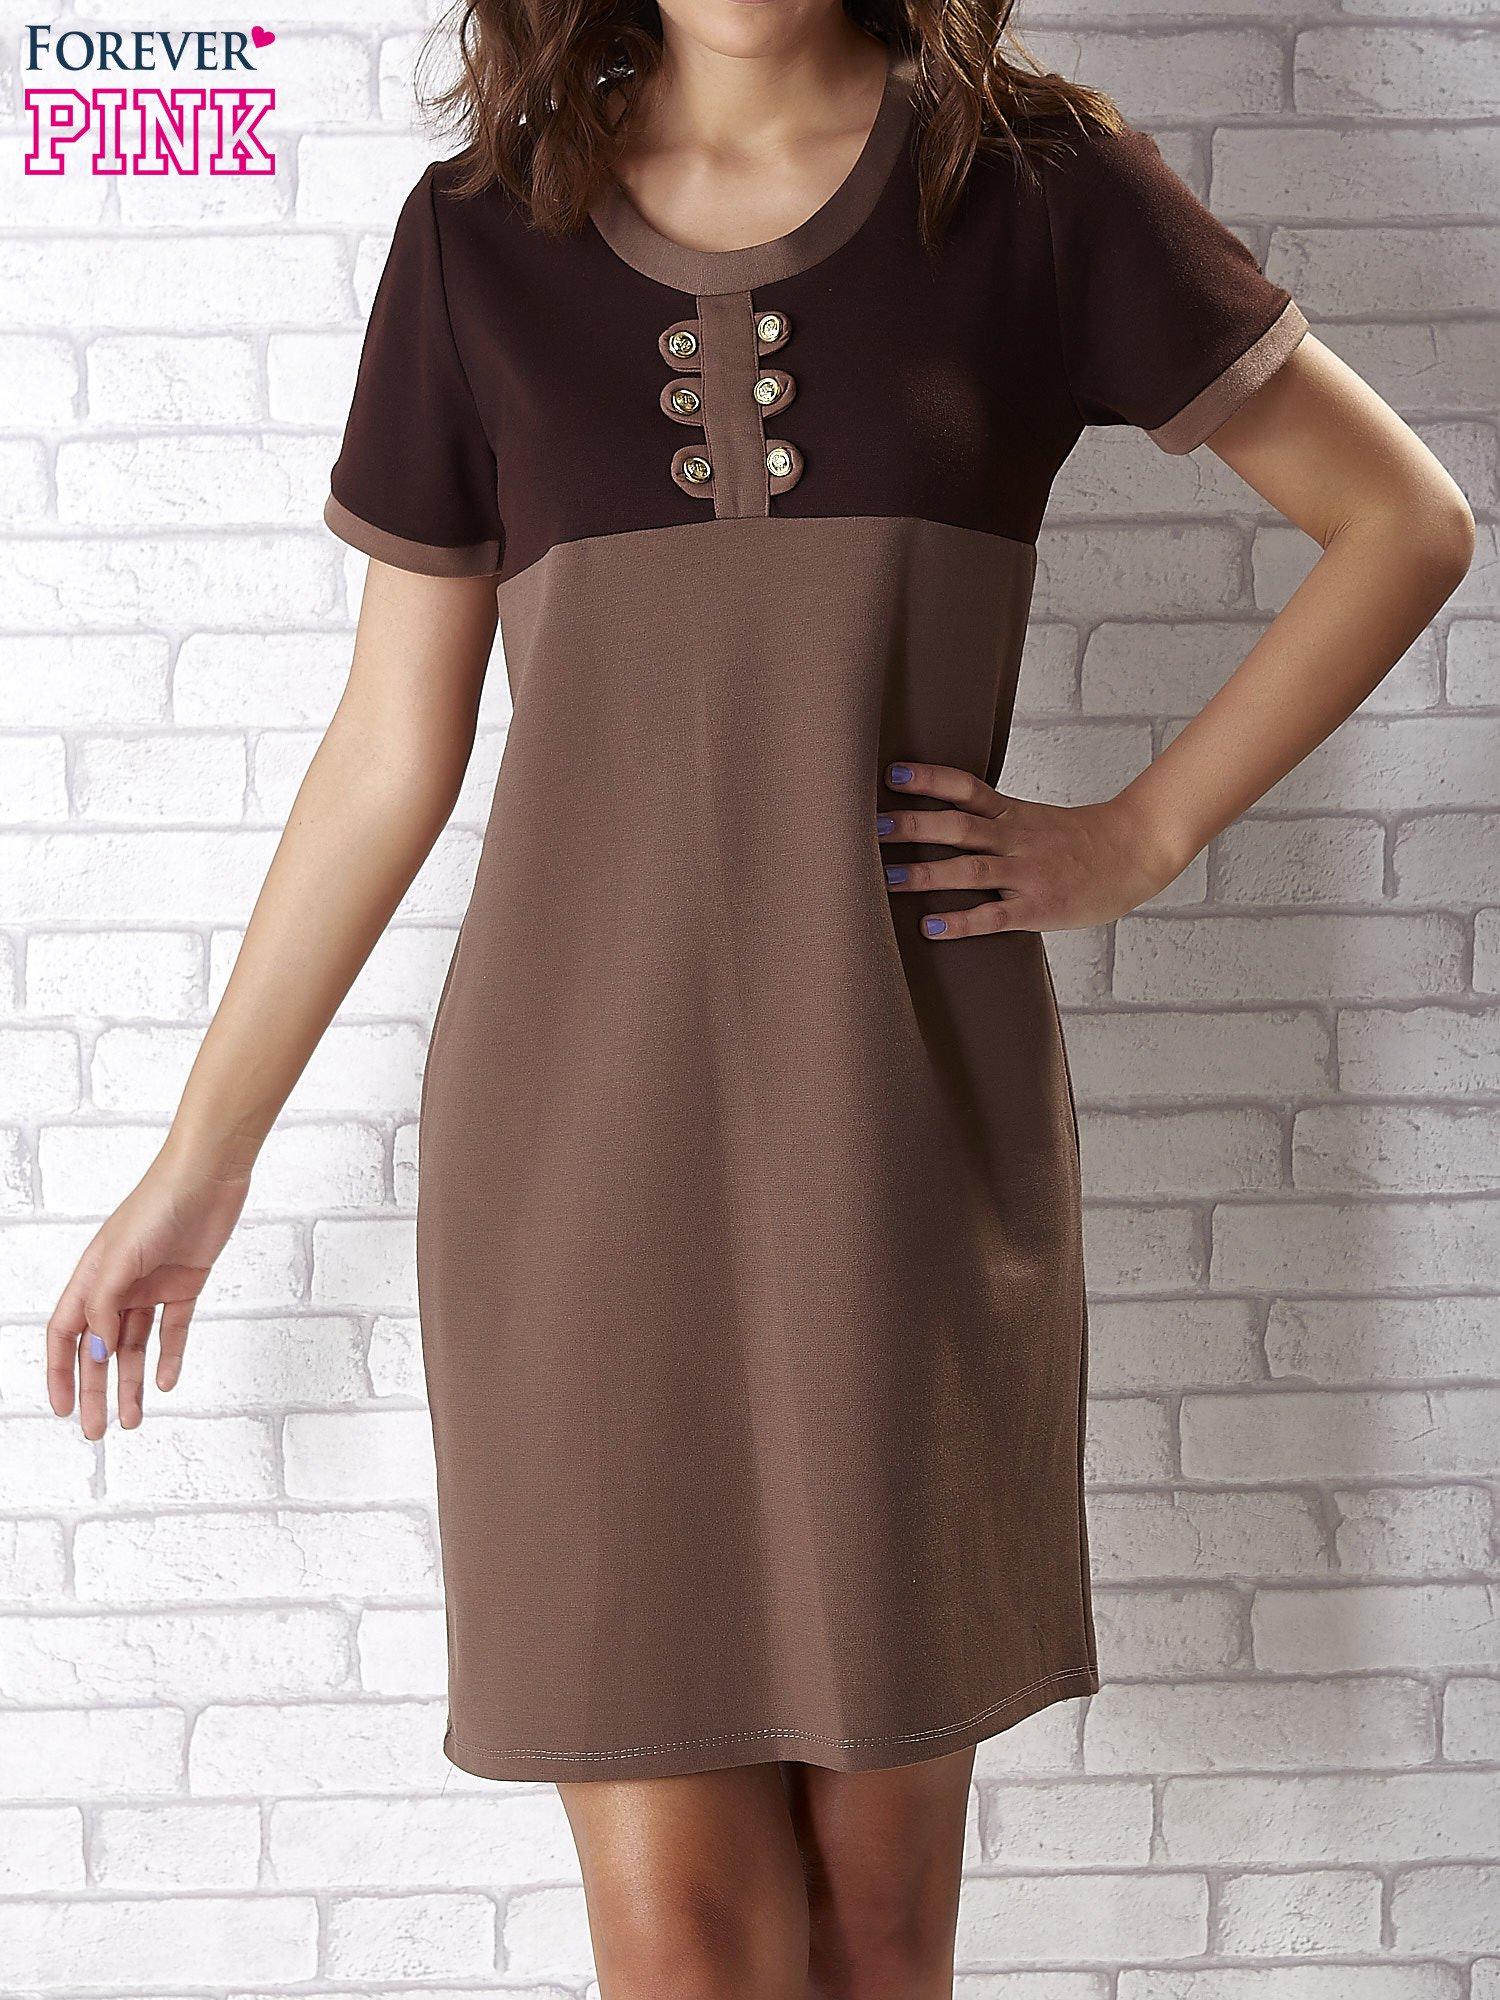 Ciemnobrązowa sukienka ze złotymi guzikami                                  zdj.                                  1